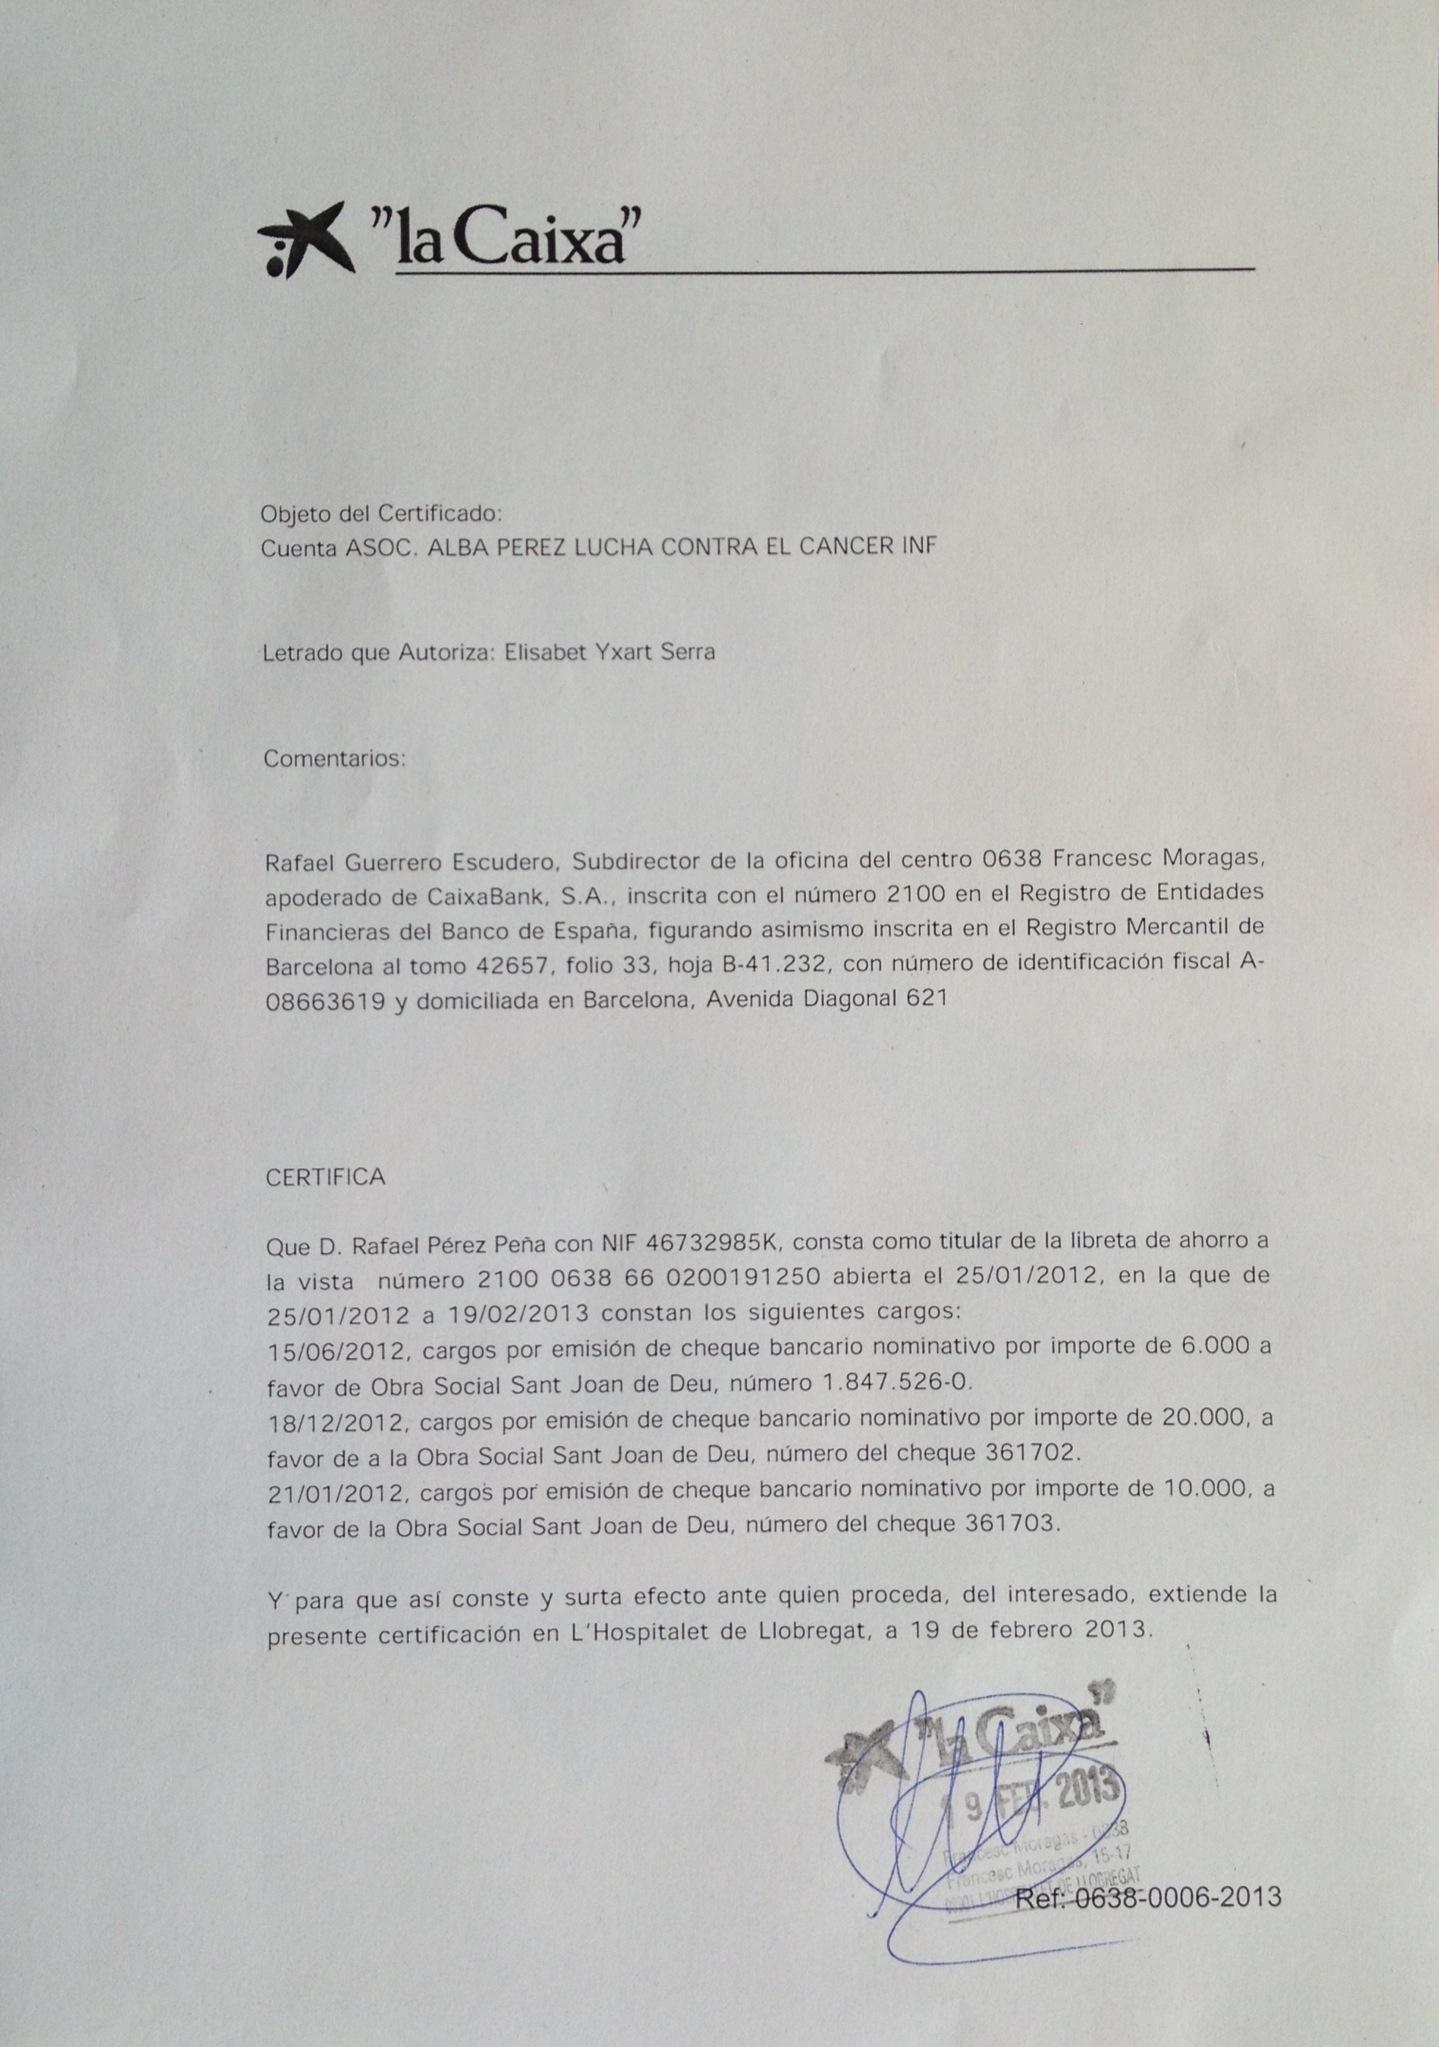 Certificado del gabinete jur dico de la caixa fundaci n - Numero oficina la caixa ...